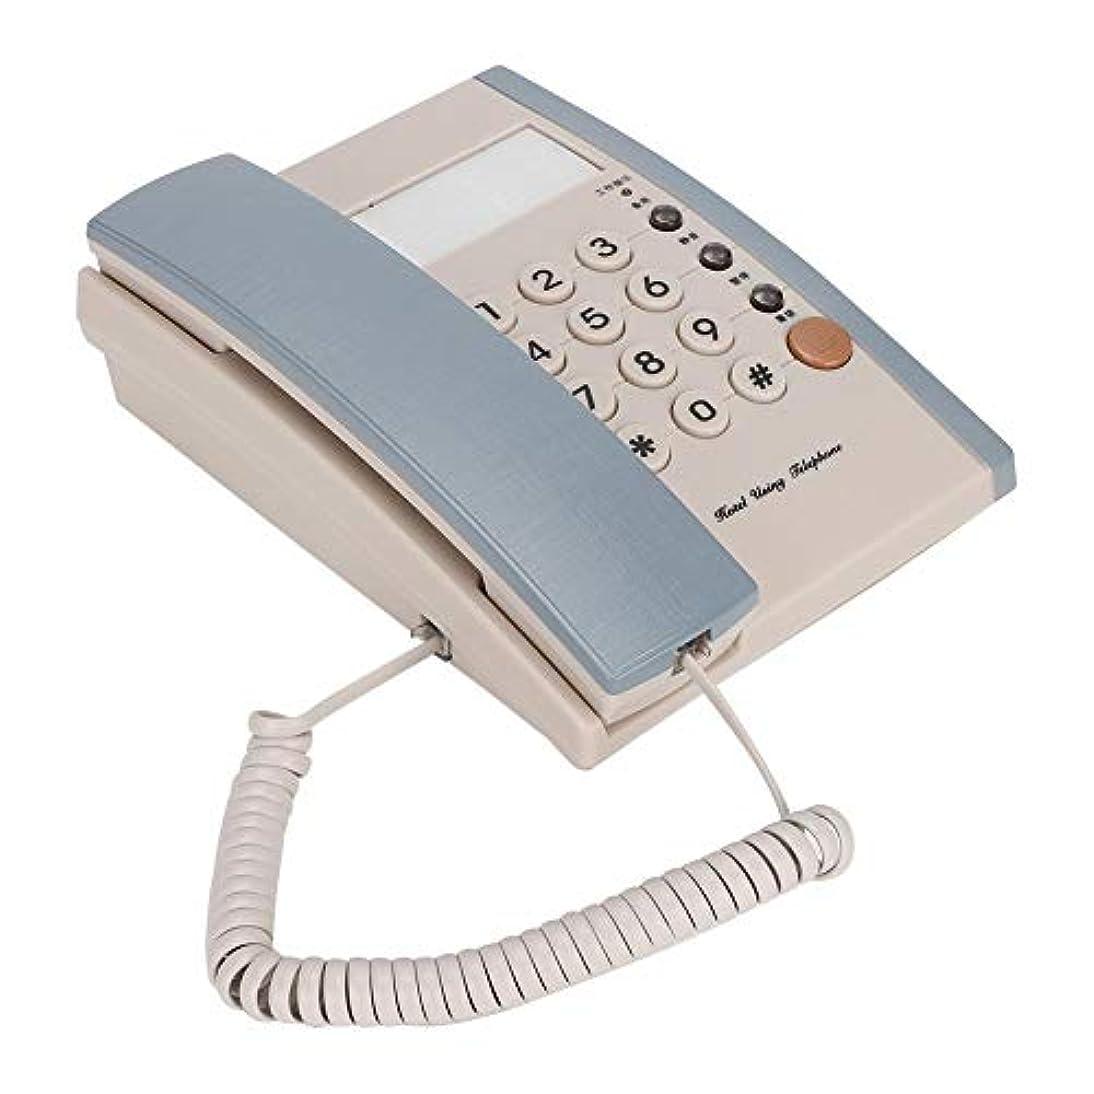 メロドラマティックグリース矢固定電話機 Mugast 一時停止機能 デスク 有線電話機 ホーム オフィス ホテル用(ブルー)